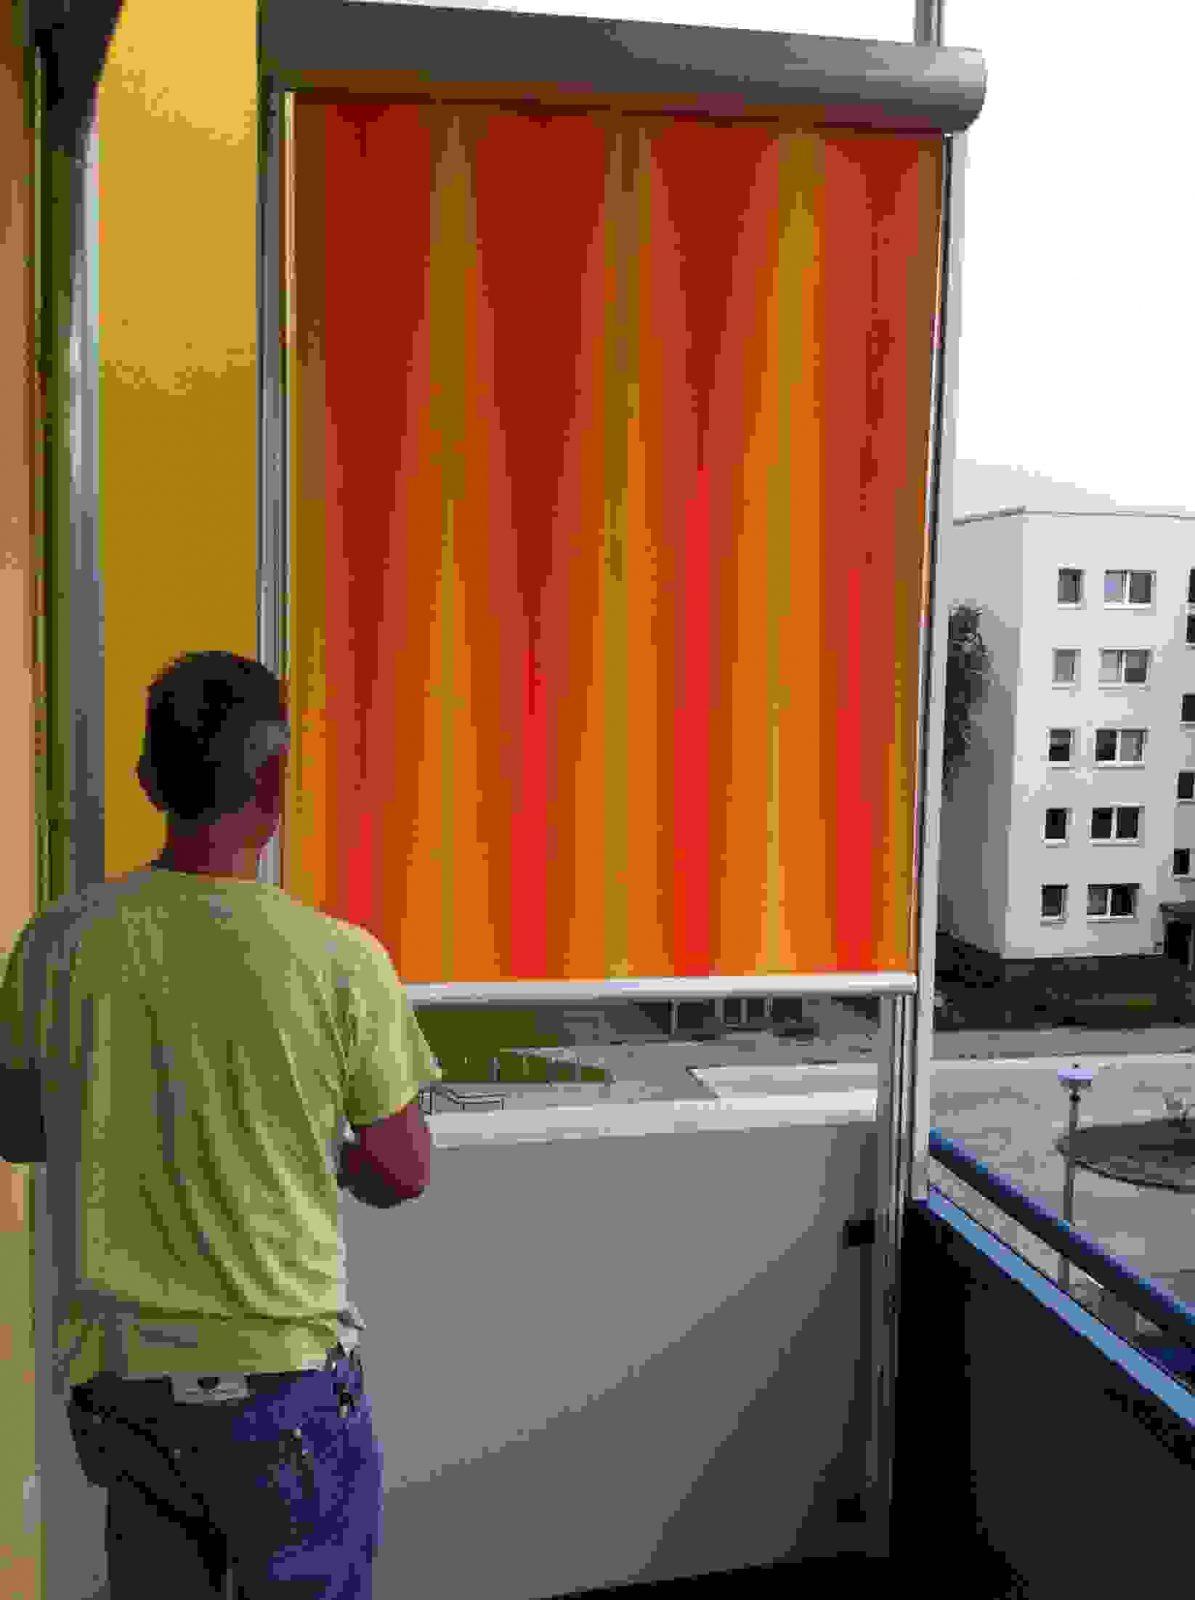 Sichtschutz Balkon Seitlich Ohne Bohren Carprola For Von von Seitlicher Sichtschutz Für Balkon Ohne Bohren Bild